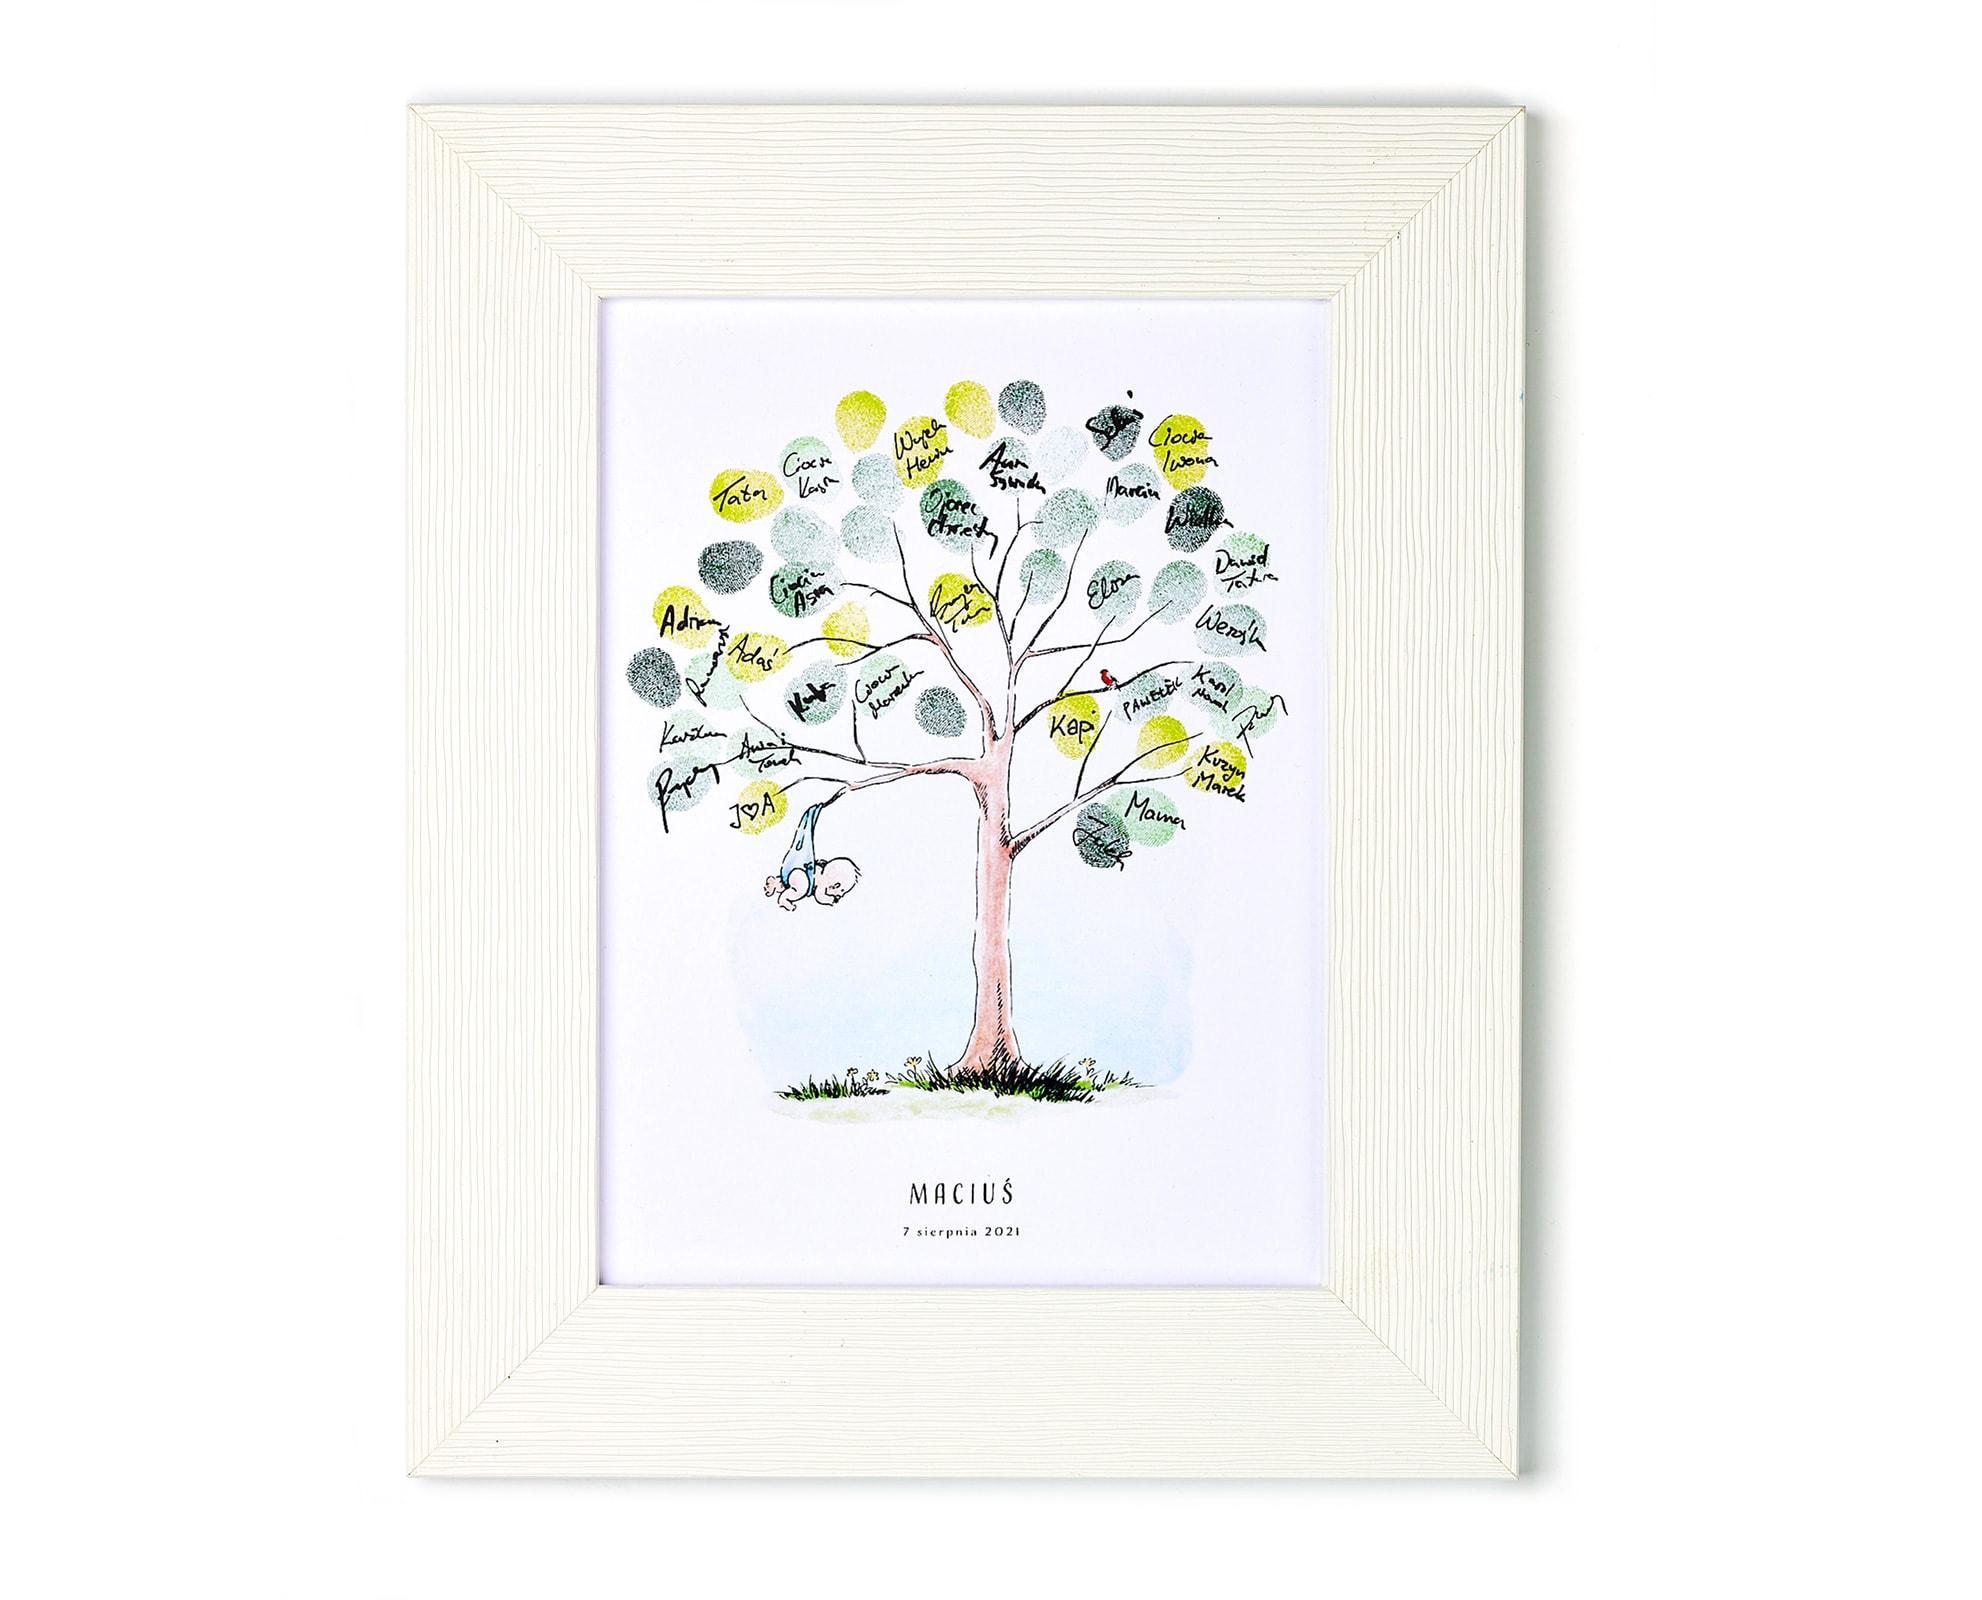 Pamiątka urodzinowa, drzewko na odciski palców gości